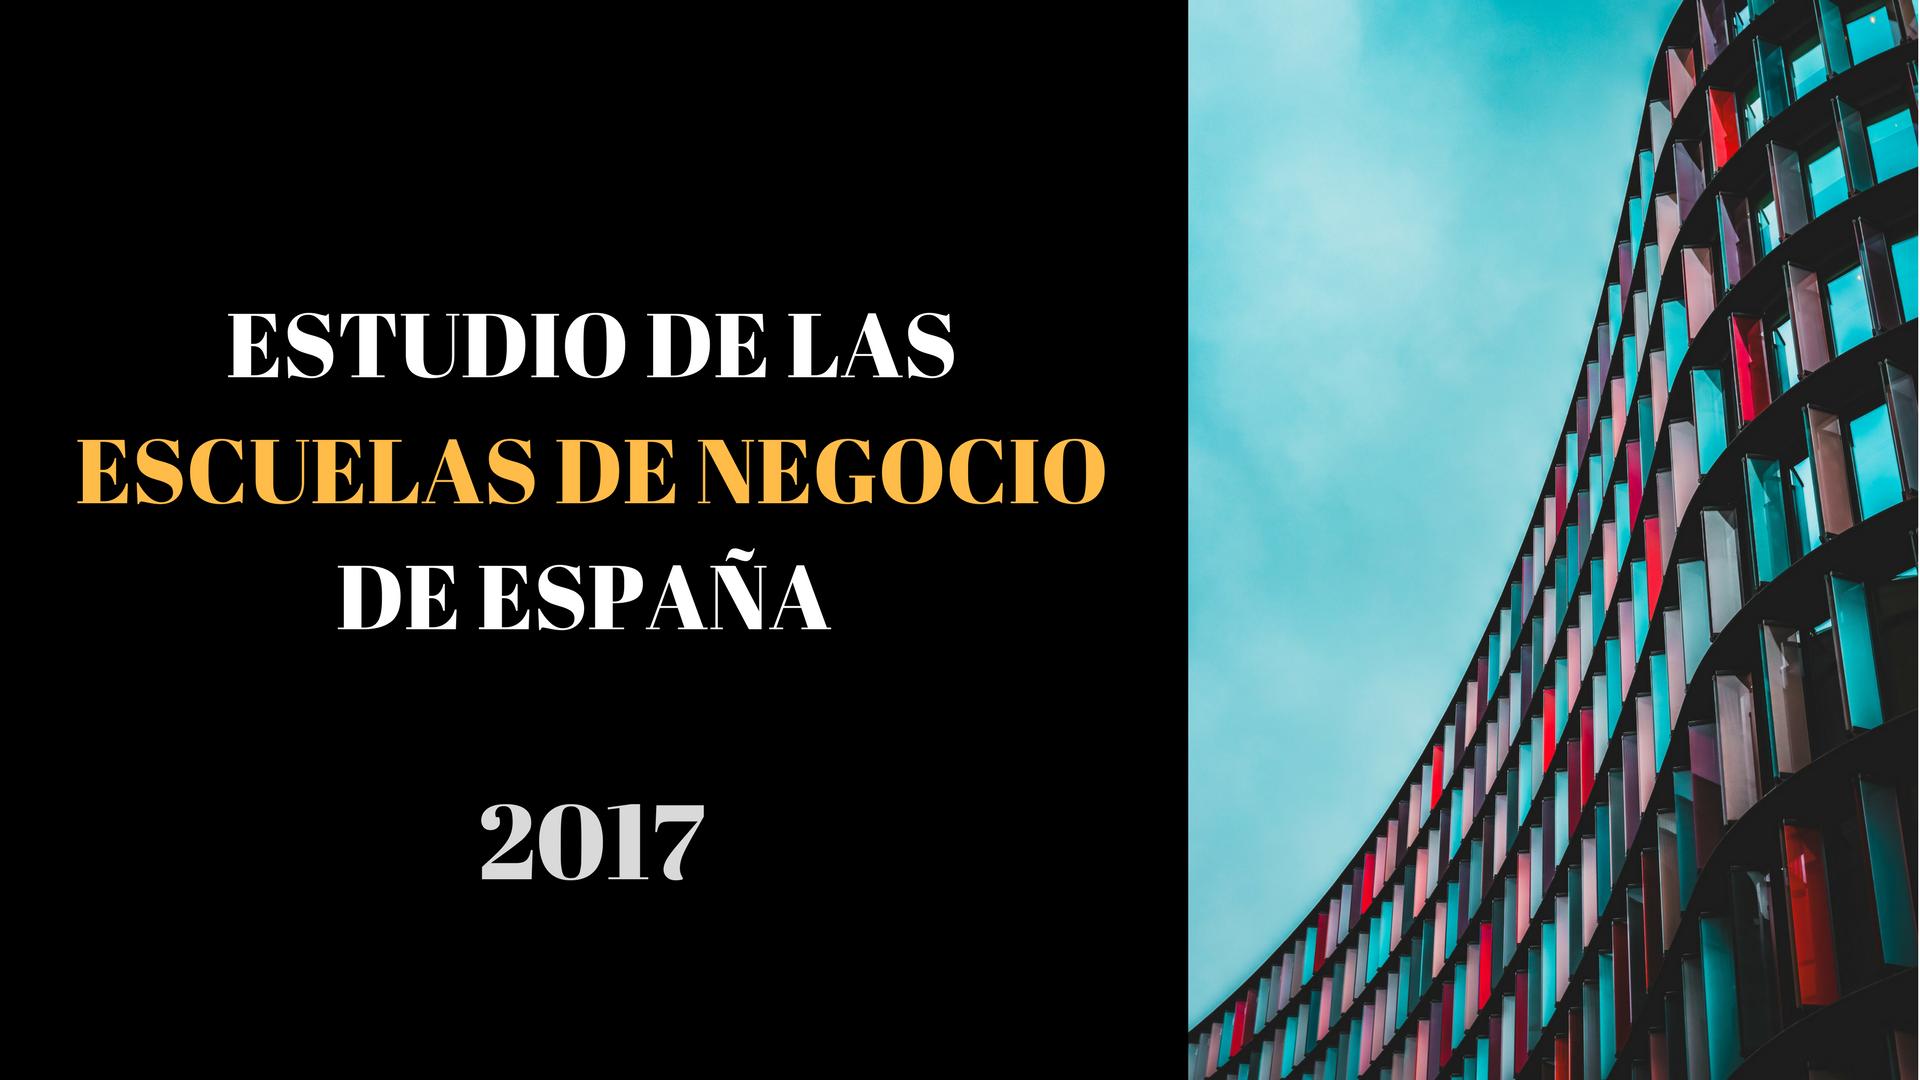 ESTUDIO DE LAS ESCUELAS DE NEGOCIO DE ESPAÑA (2)